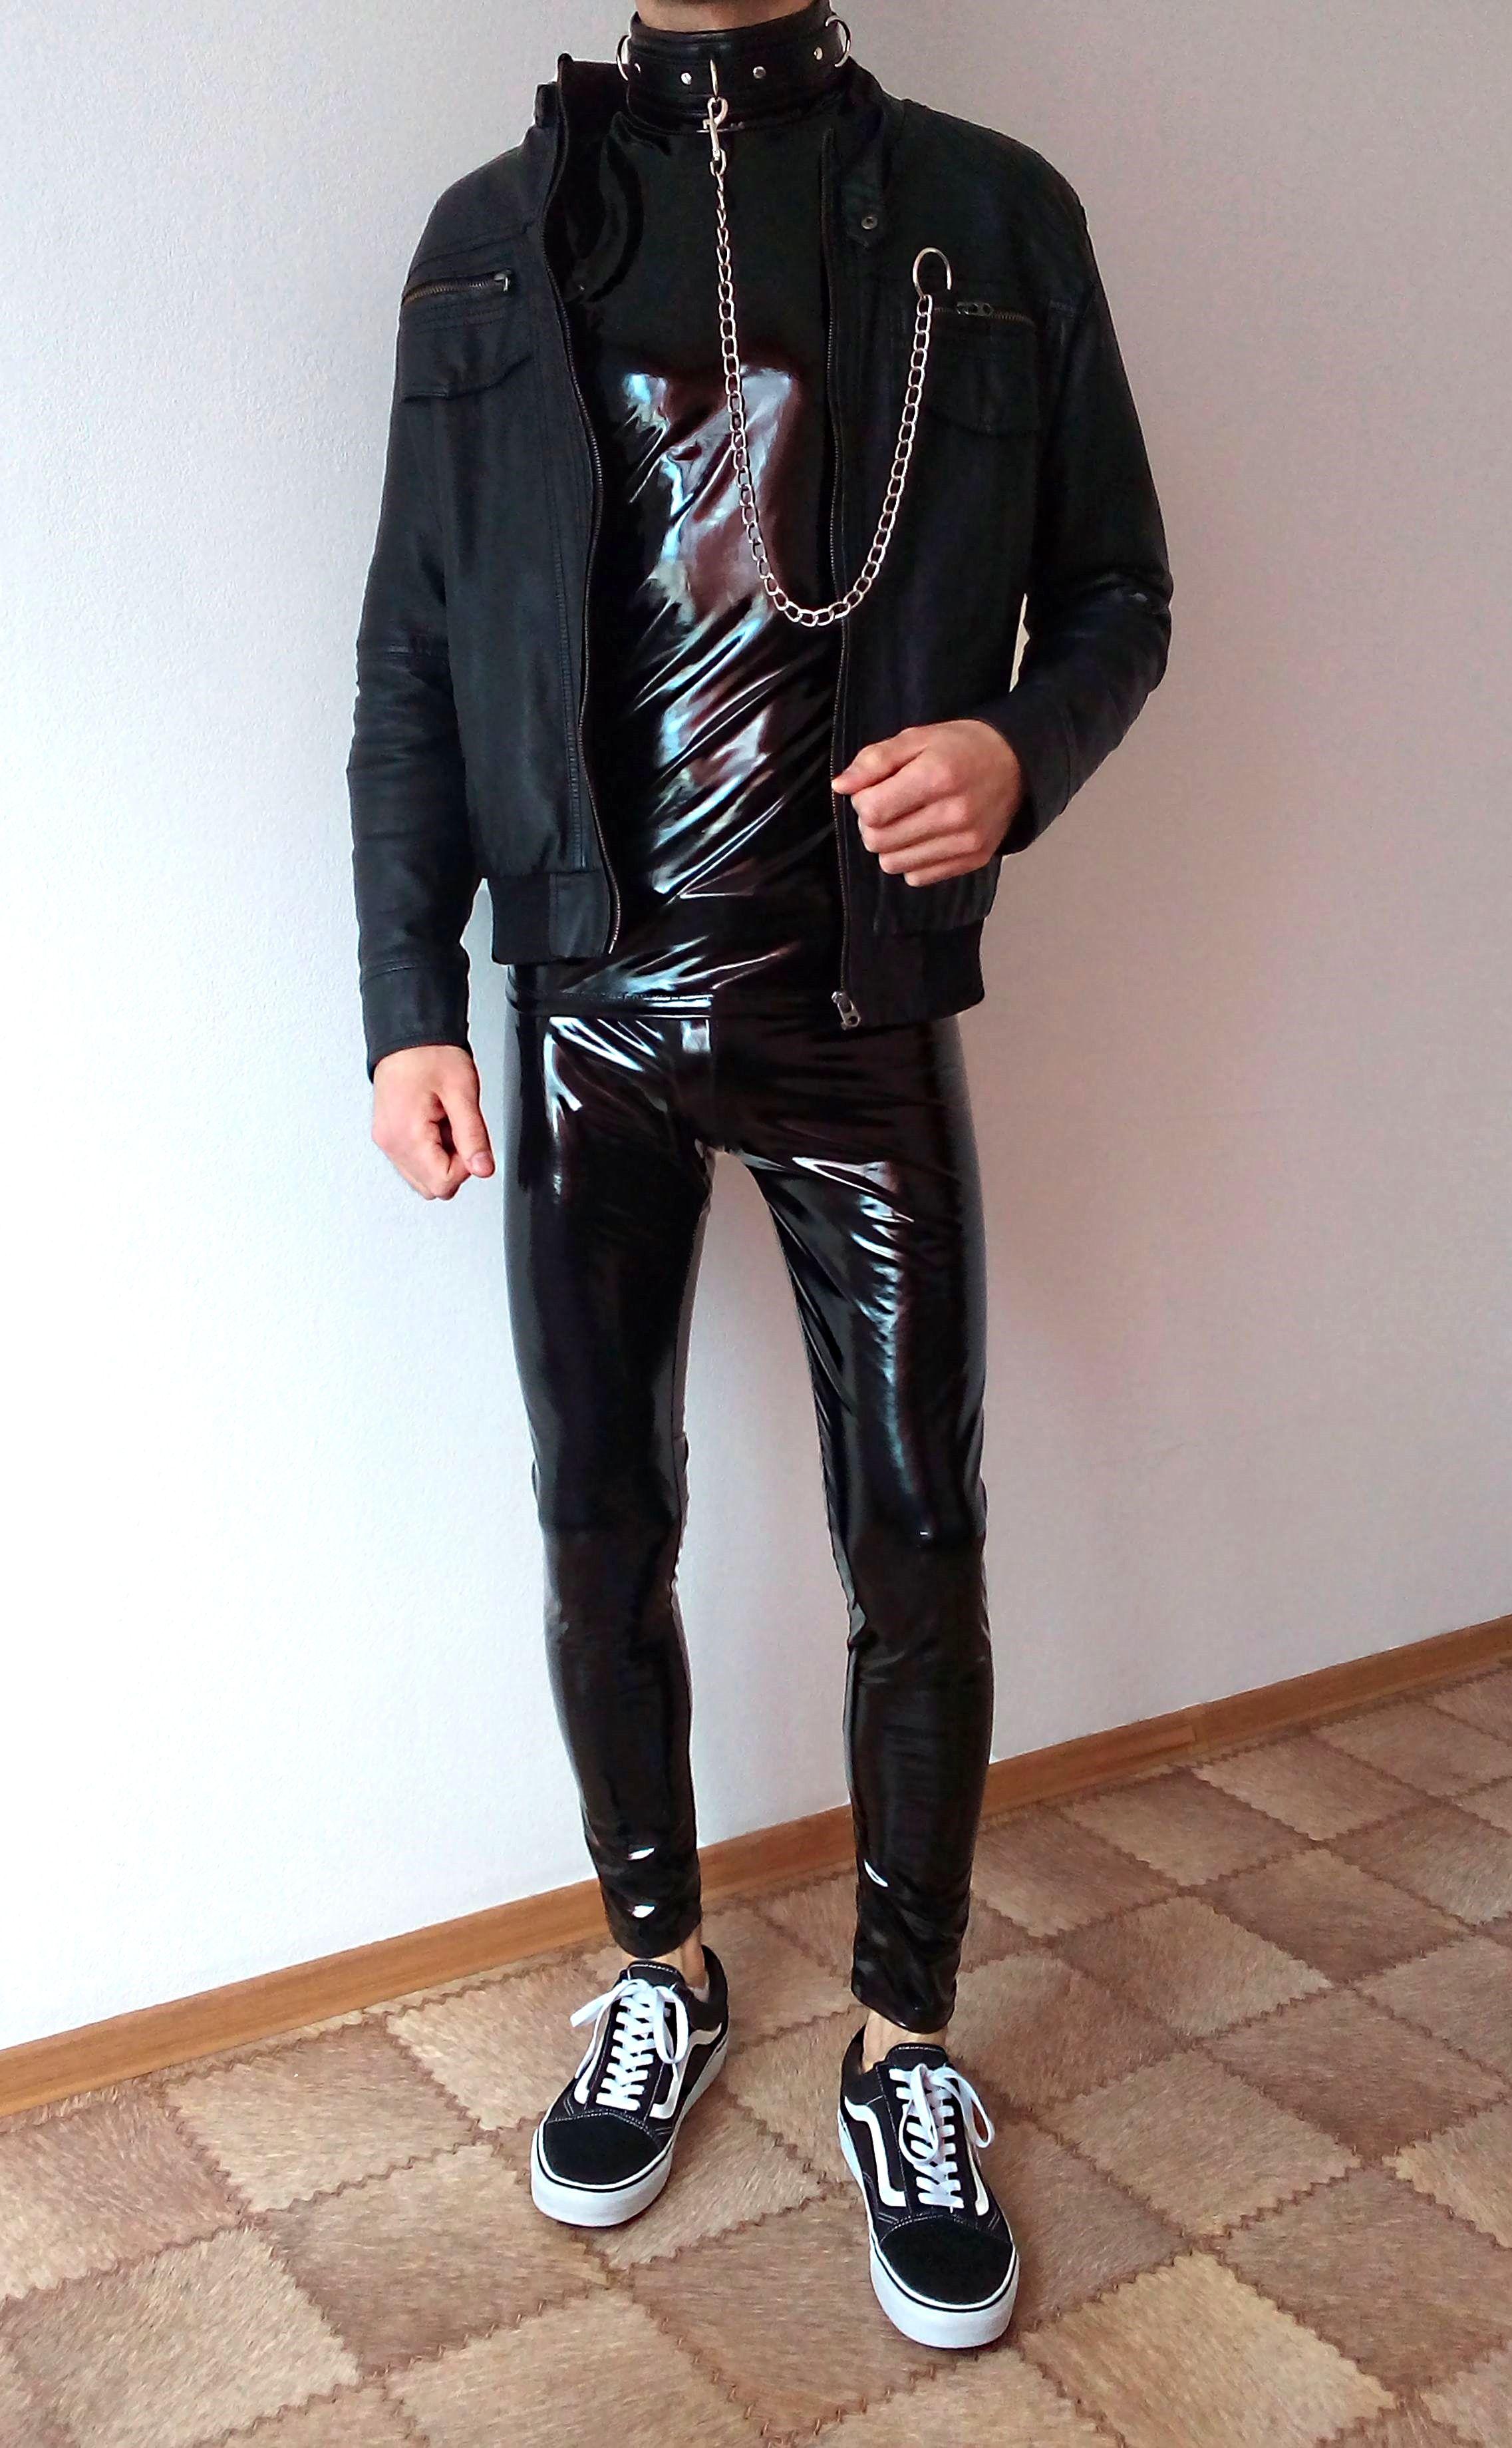 vans old skool black rock outfit   boys guys in leather